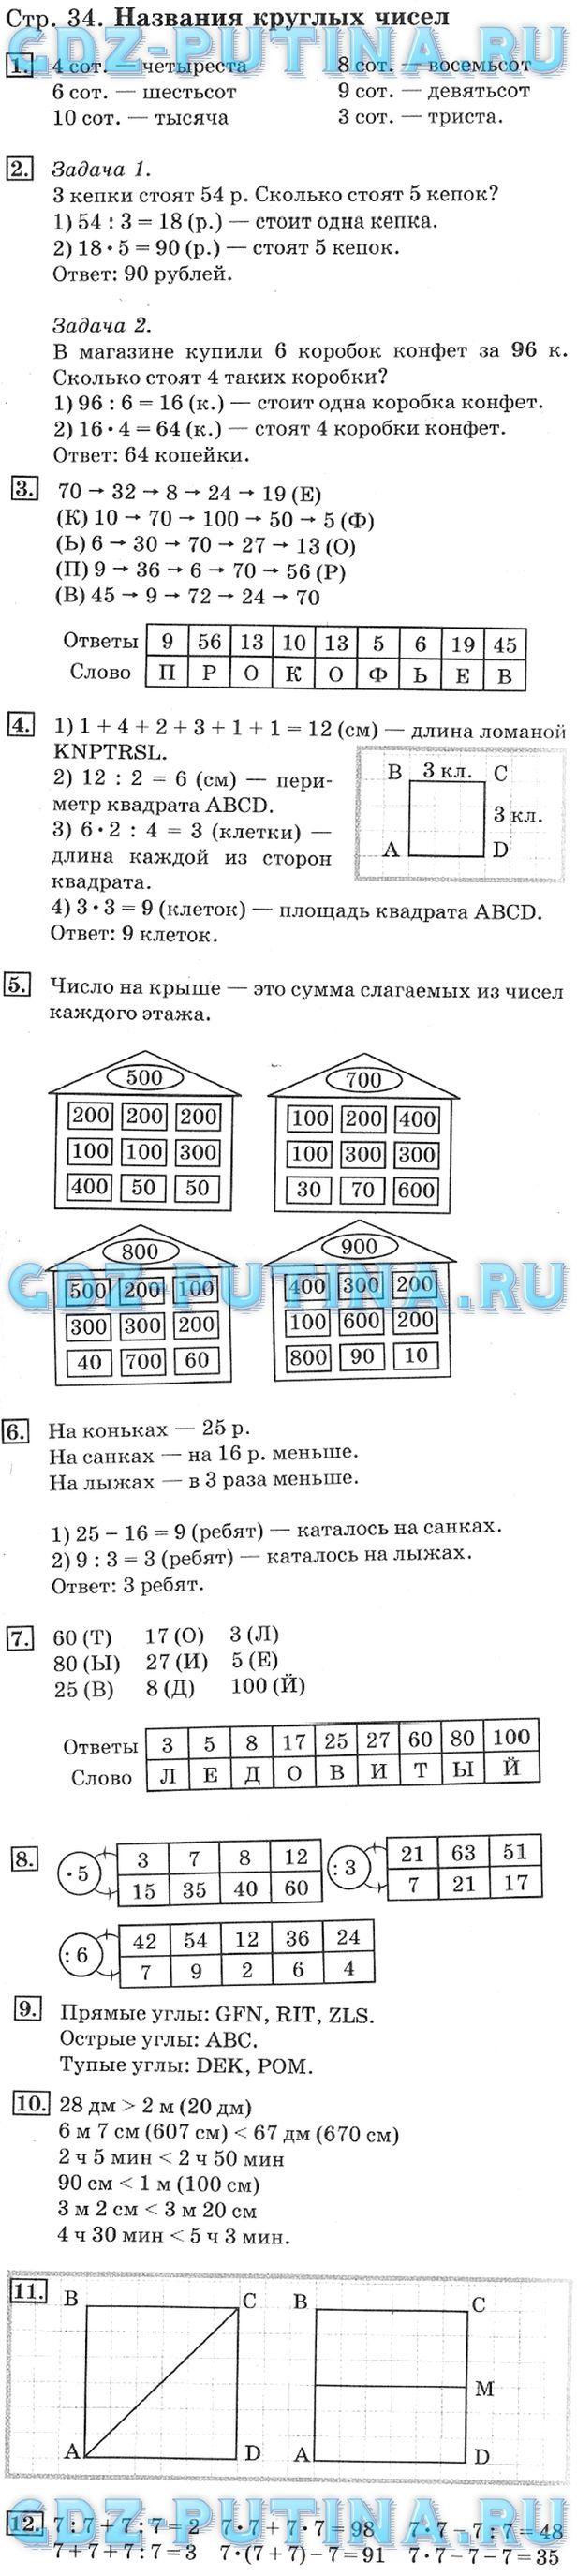 3 математике дорофеев миракова 2 часть класс гдз по рабочая бука